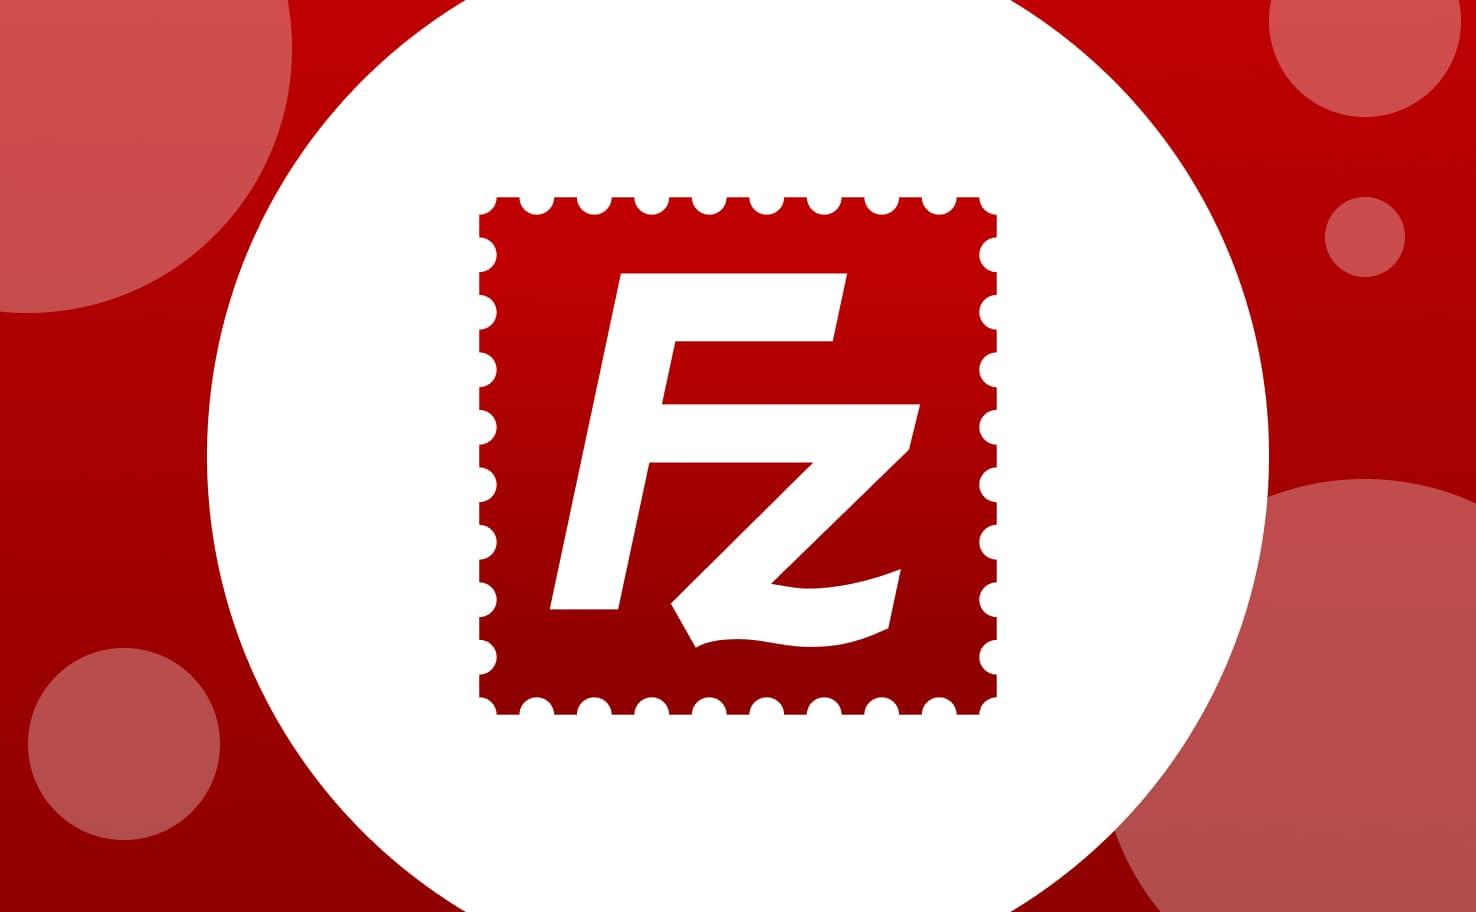 Article abordant l'outil FileZilla pour transférer des fichiers sur un serveur distant